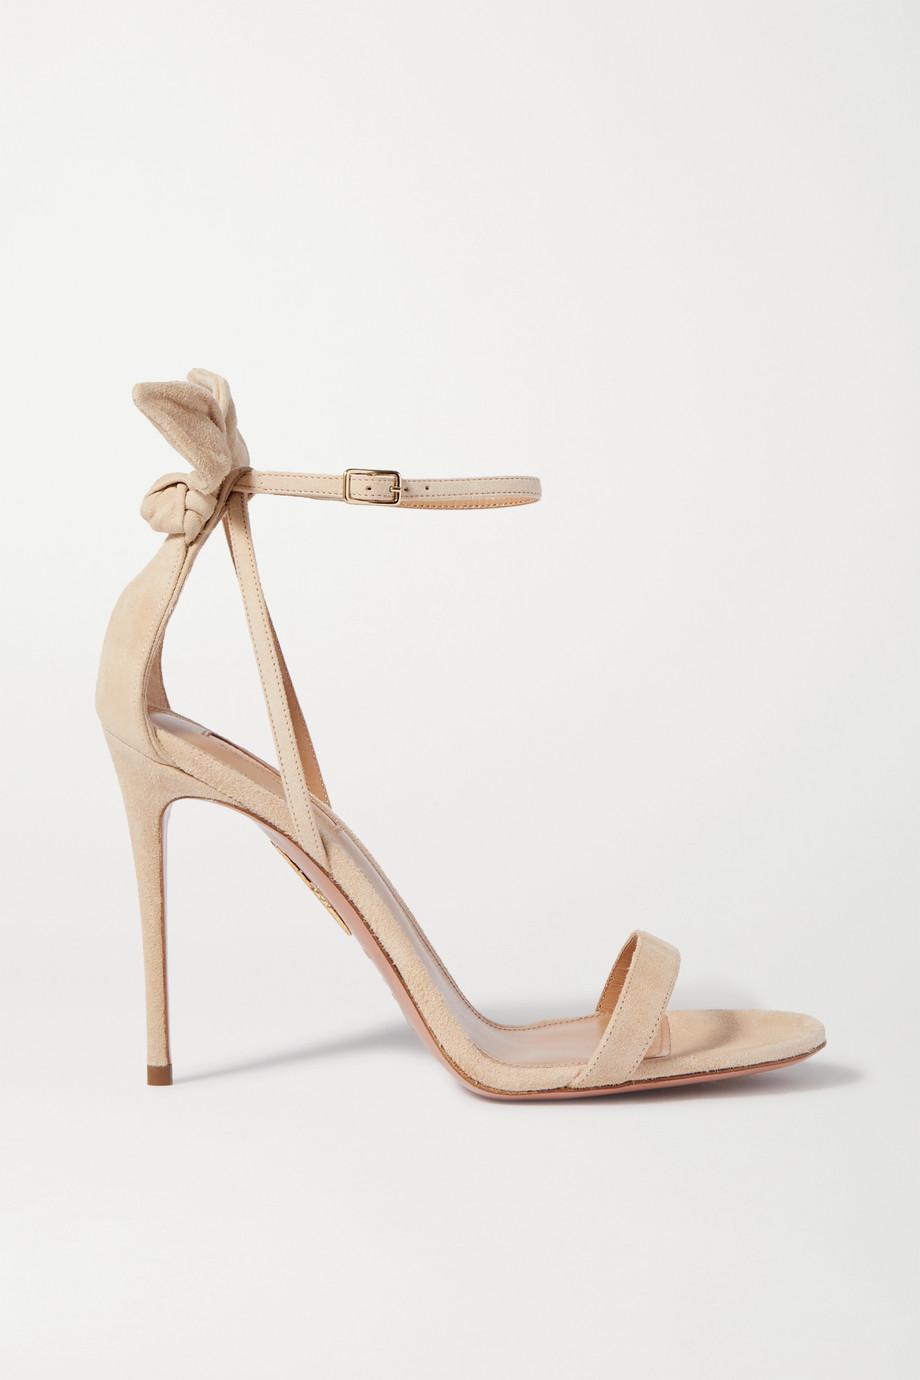 Aquazzura Bow Tie 105 绒面革凉鞋